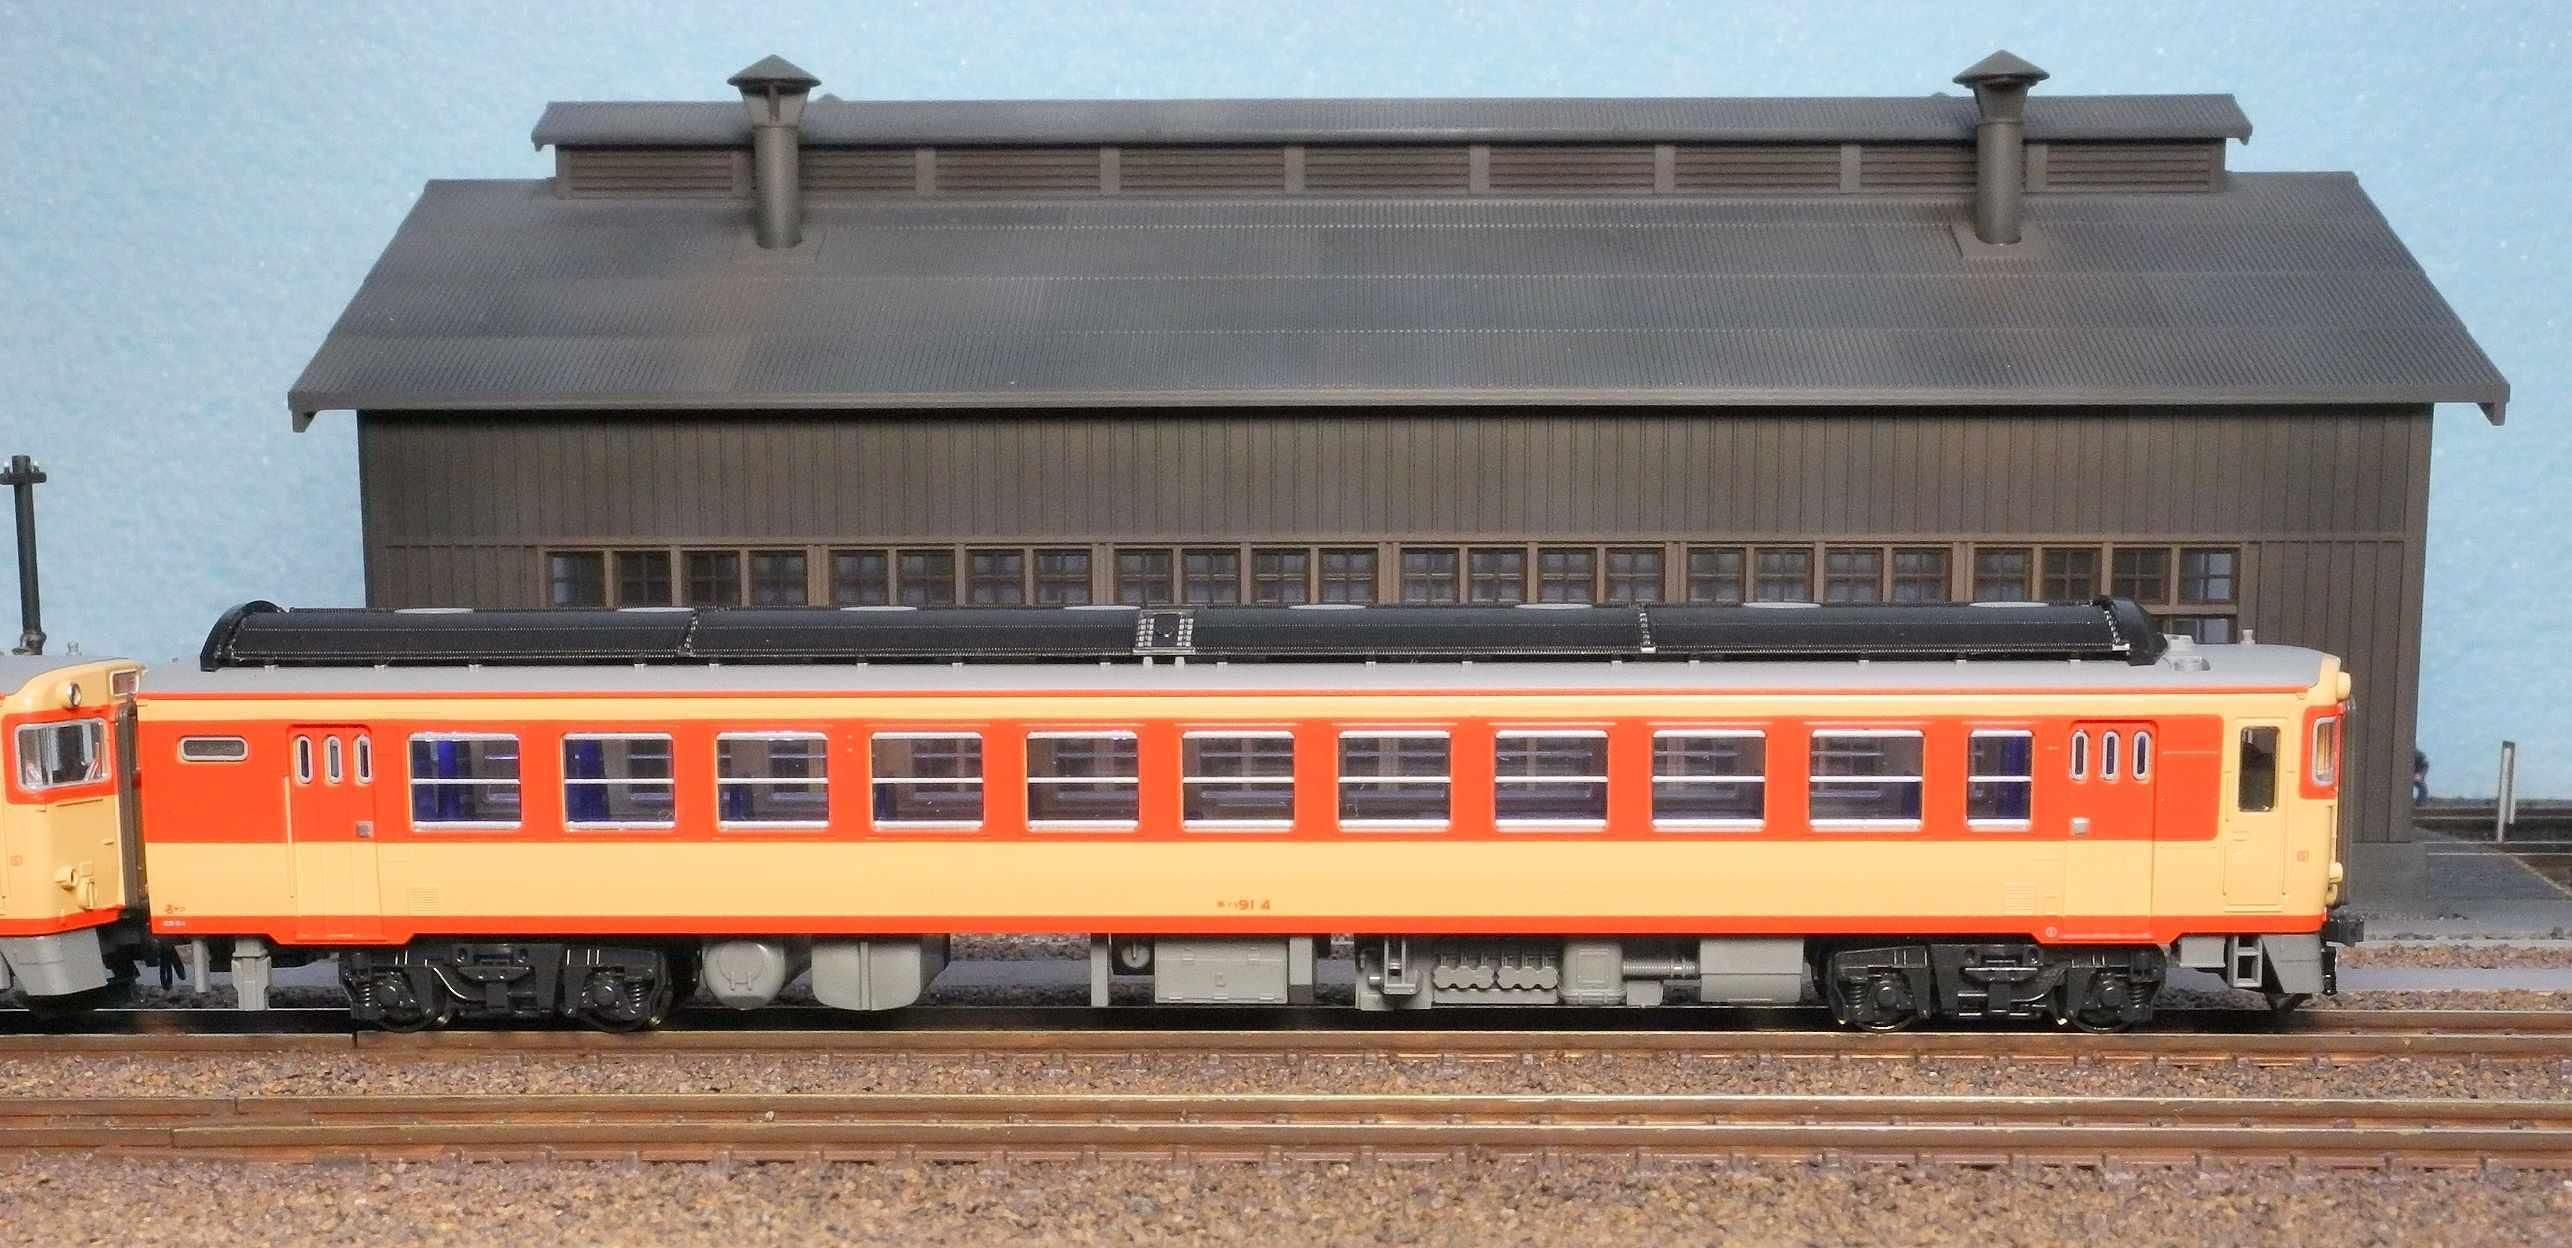 DSCN8778-1.jpg